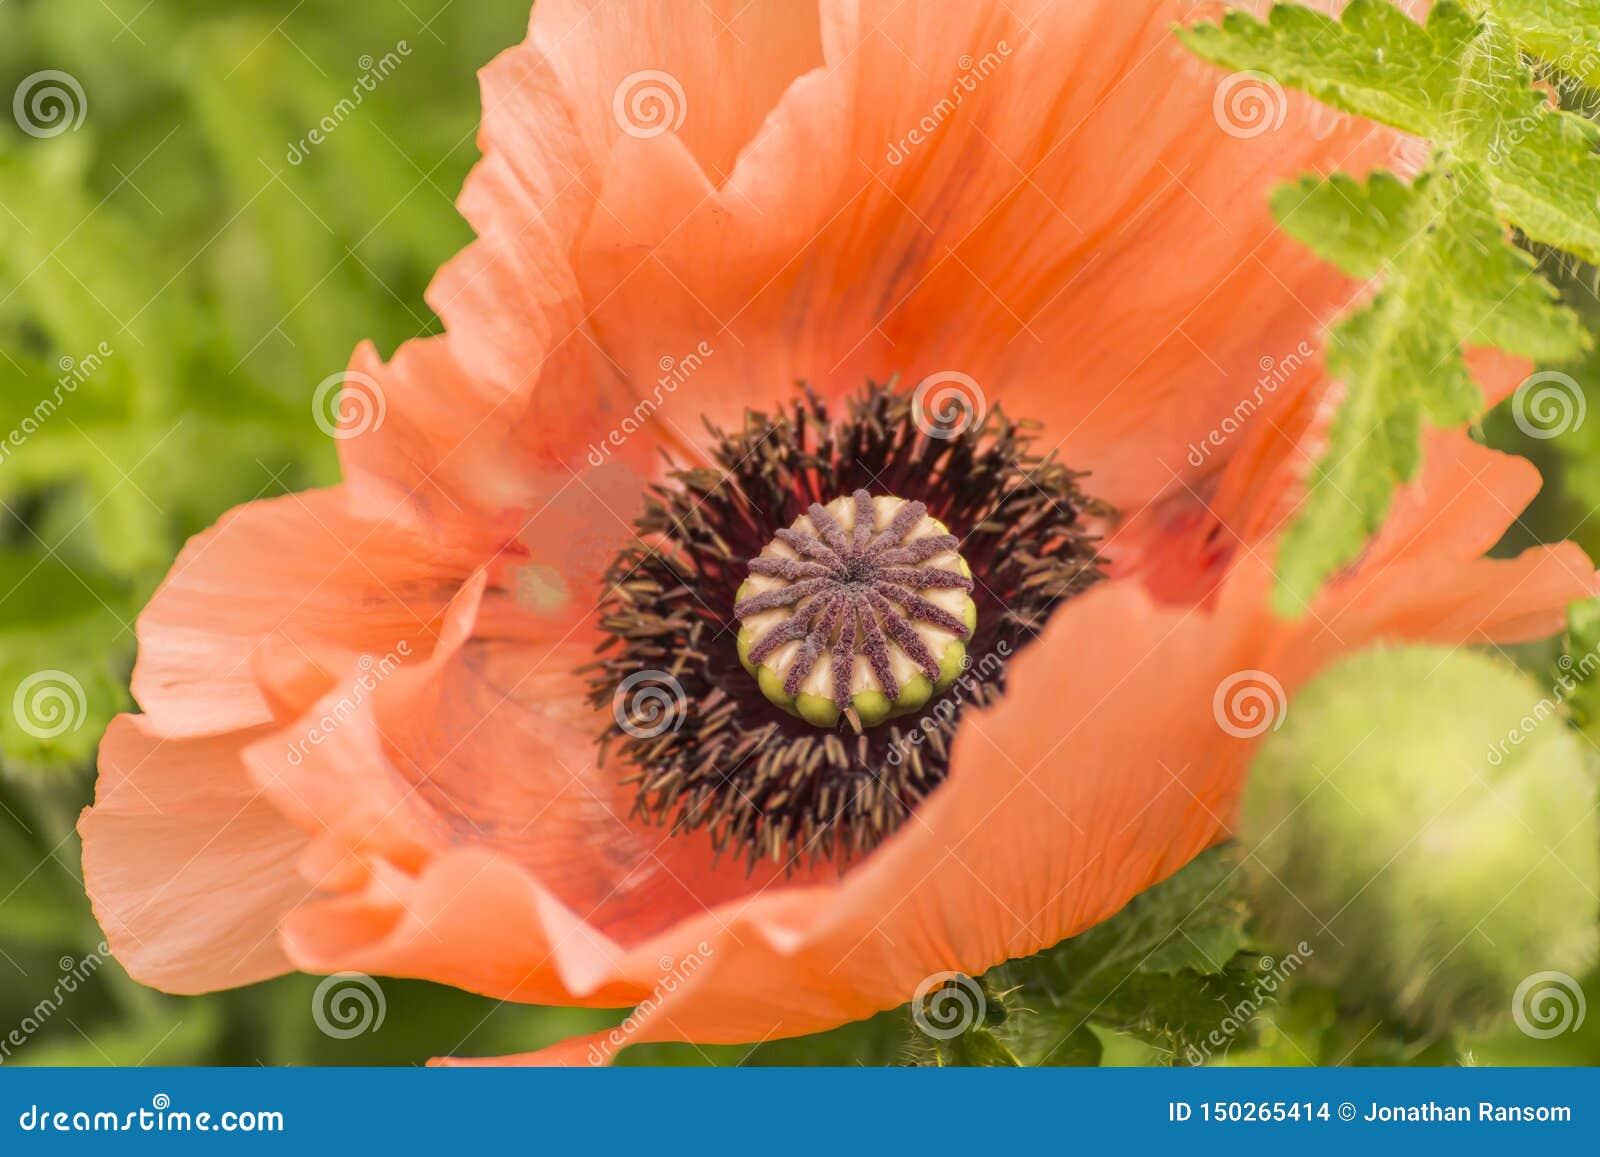 Fondo verde rojo gigante de Poppy On A